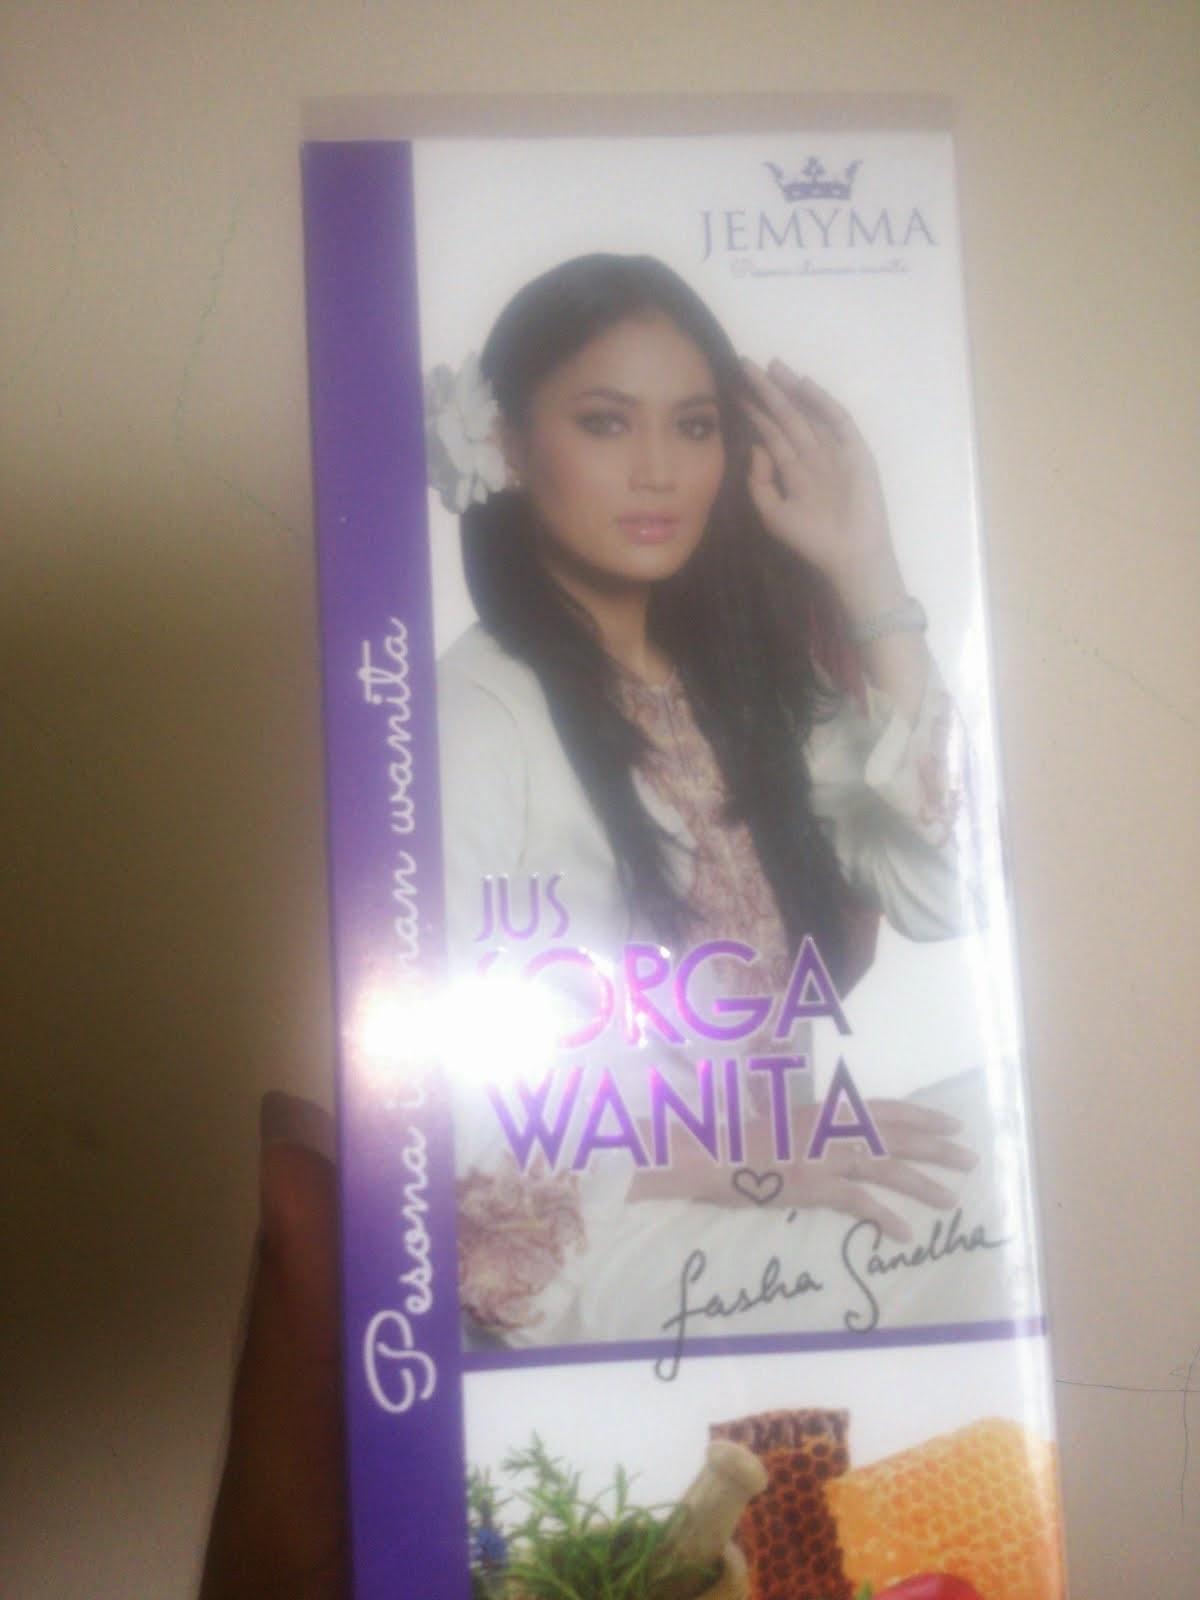 Saya jual Jus Sorga wanita by Fasha Sandha